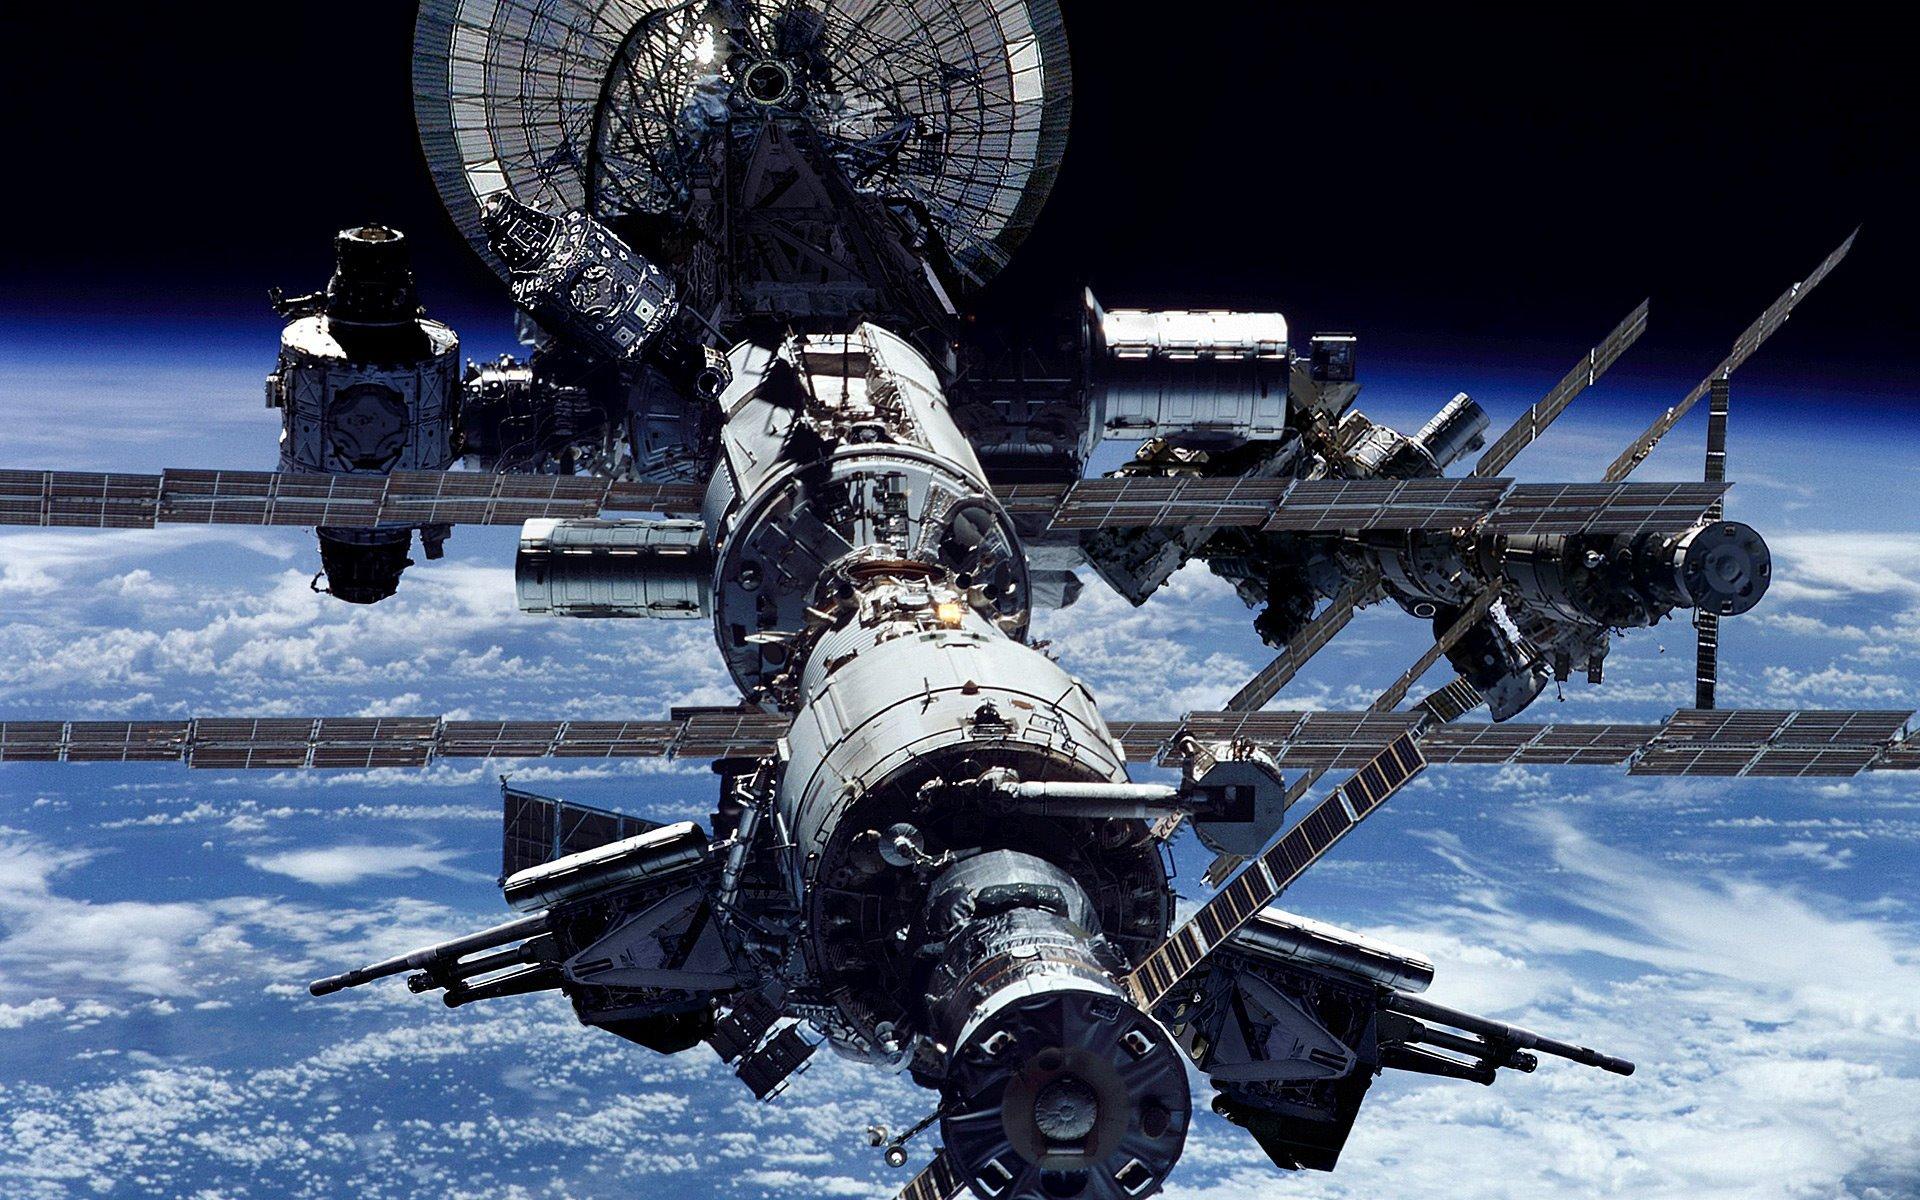 Космонавт из Японии прибавил в росте на 9 см пребывая на МКС